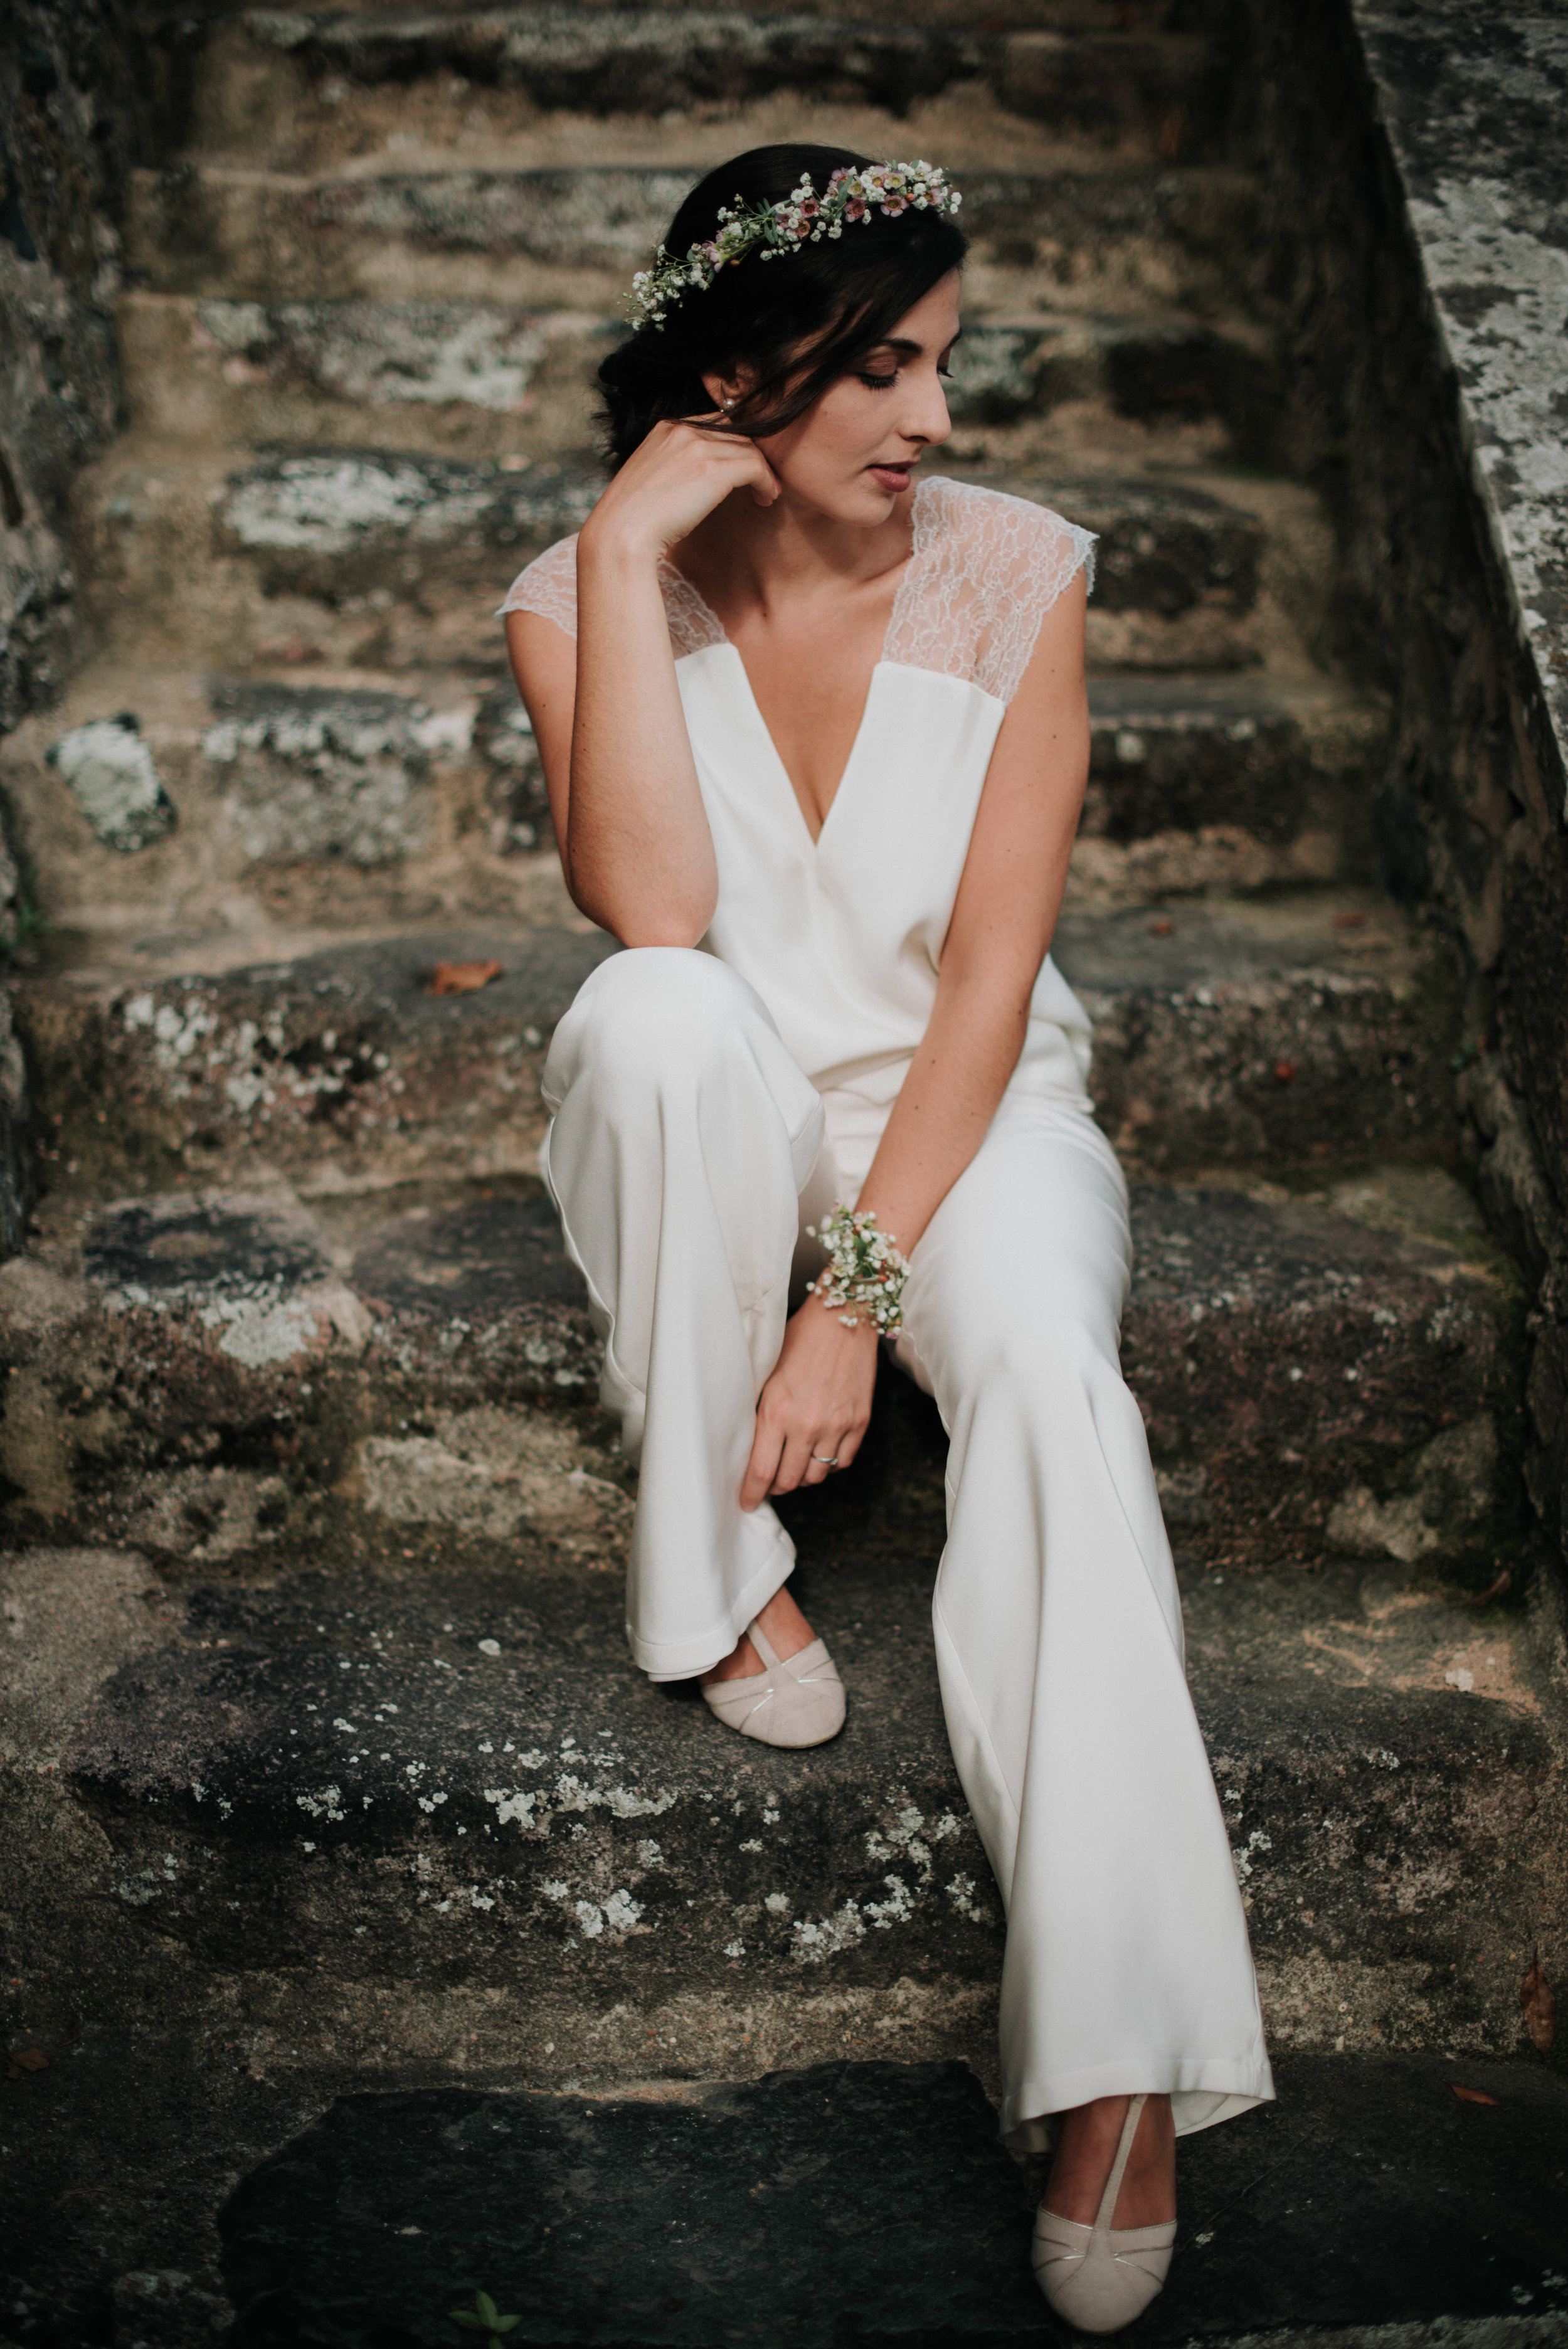 Léa-Fery-photographe-professionnel-lyon-rhone-alpes-portrait-creation-mariage-evenement-evenementiel-famille-9027.jpg